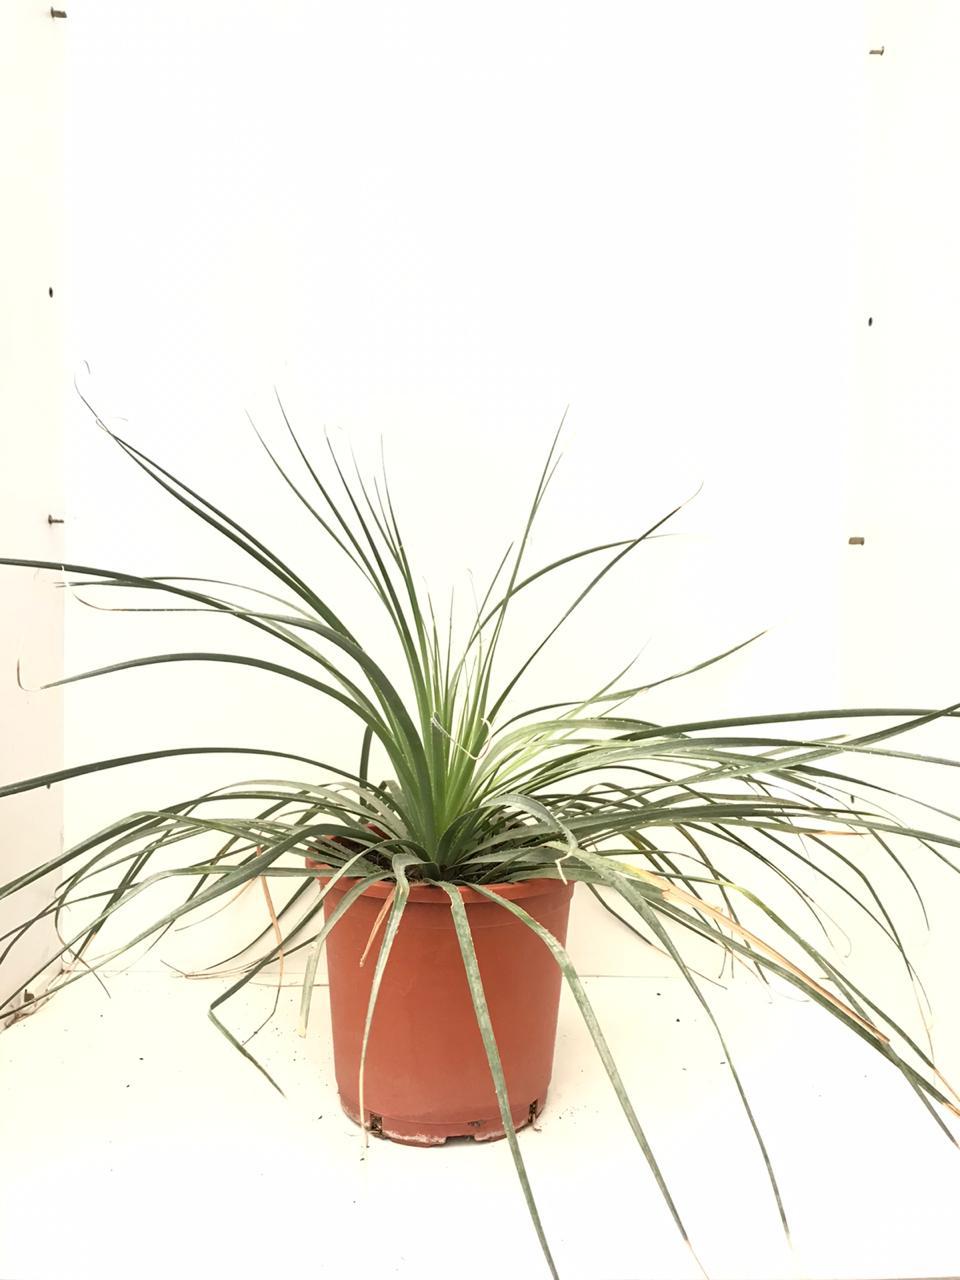 يوكا كامبستريس 'نباتات خارجية'